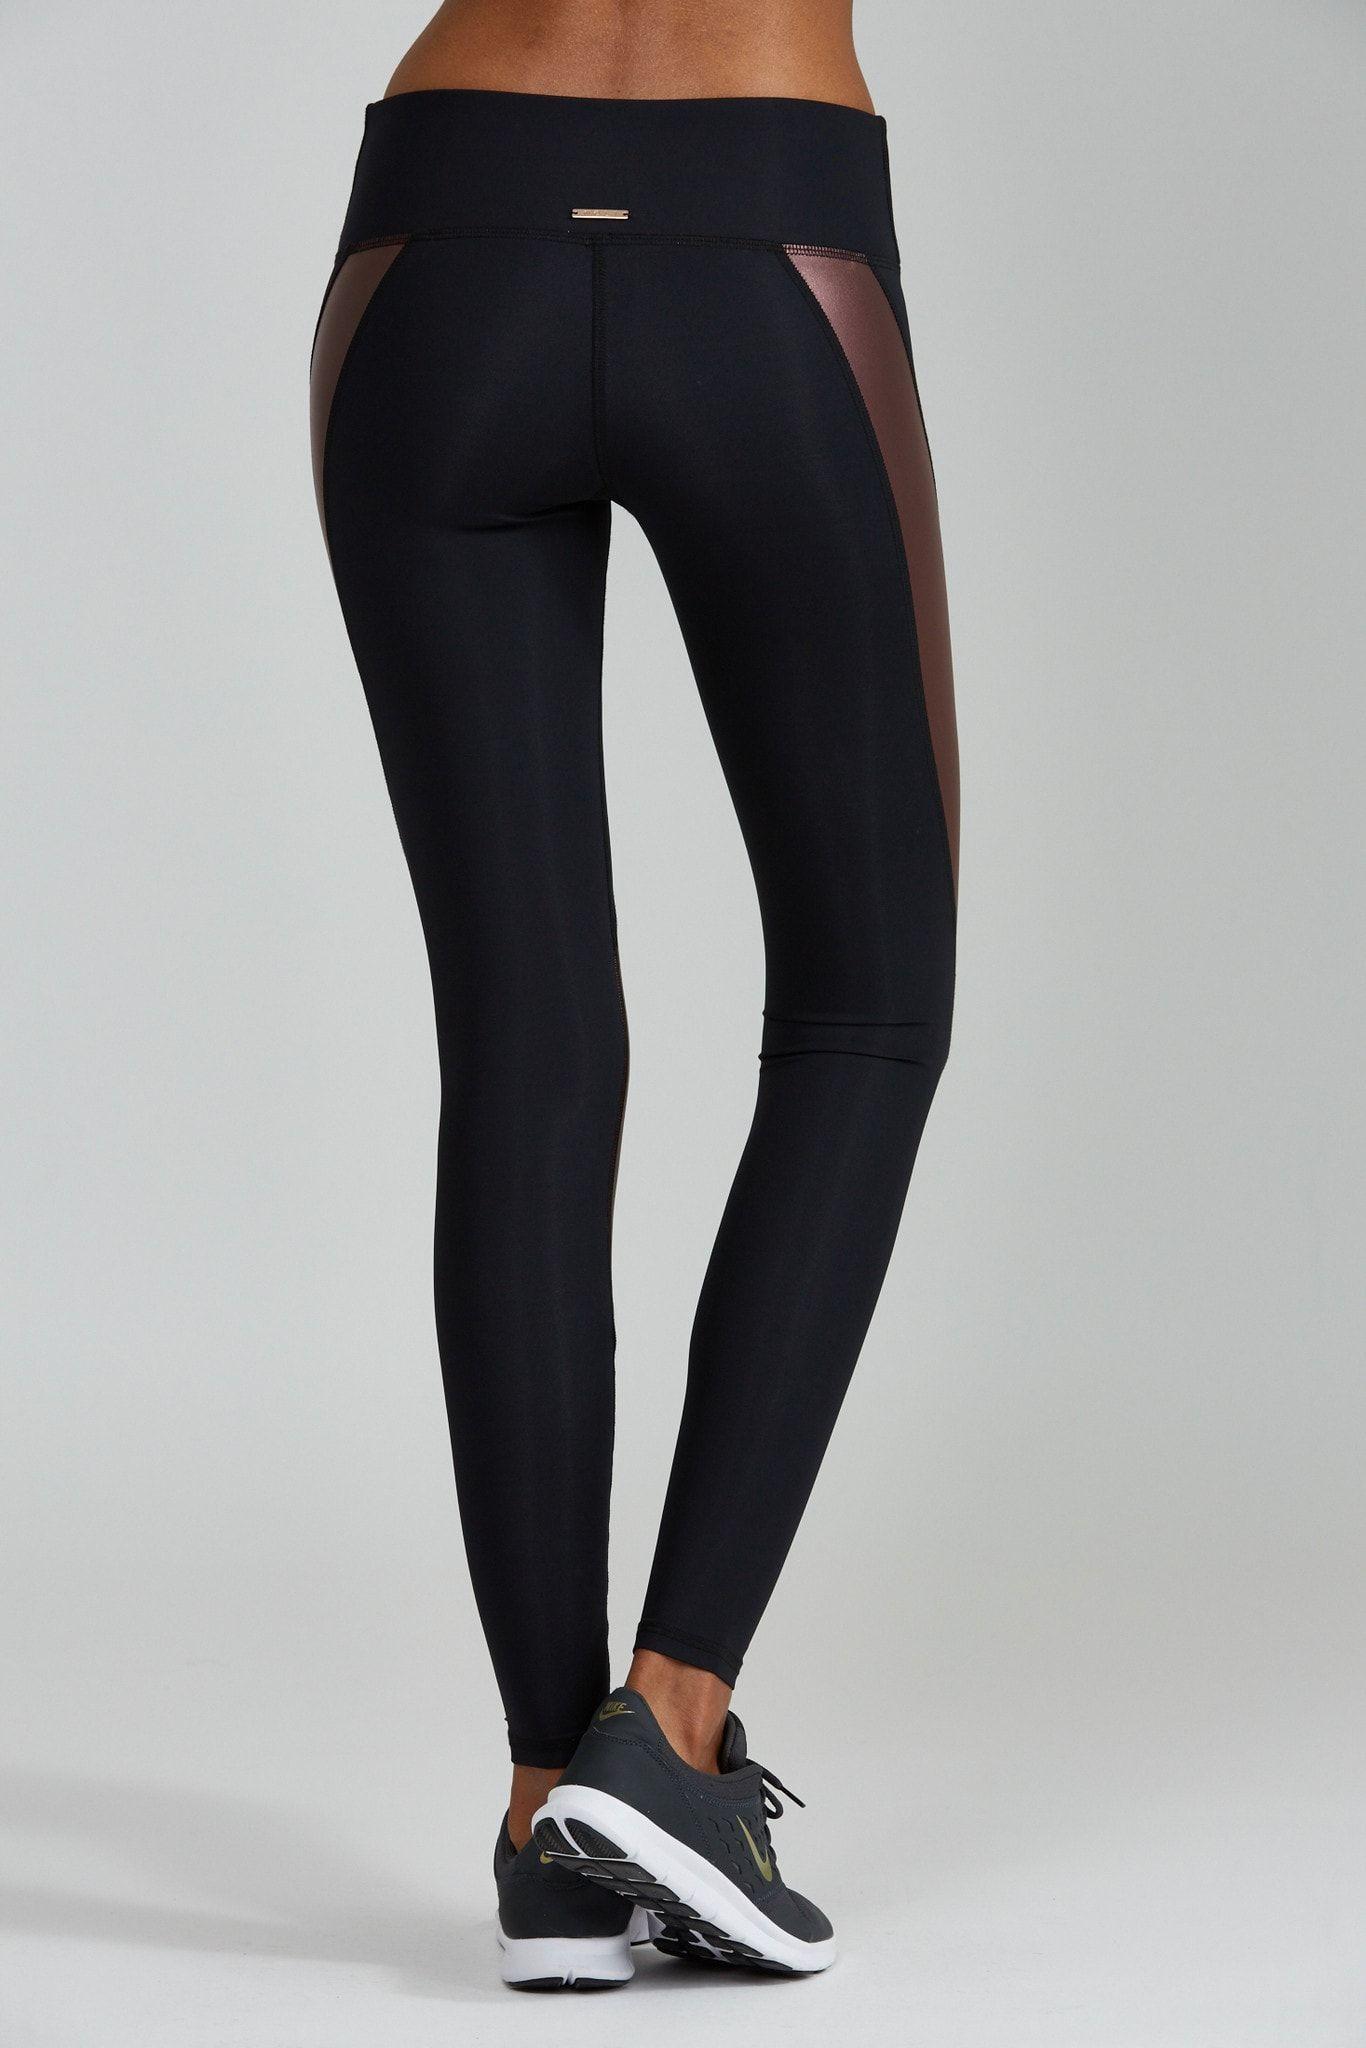 Allegra Legging - Vino - Nóli Yoga